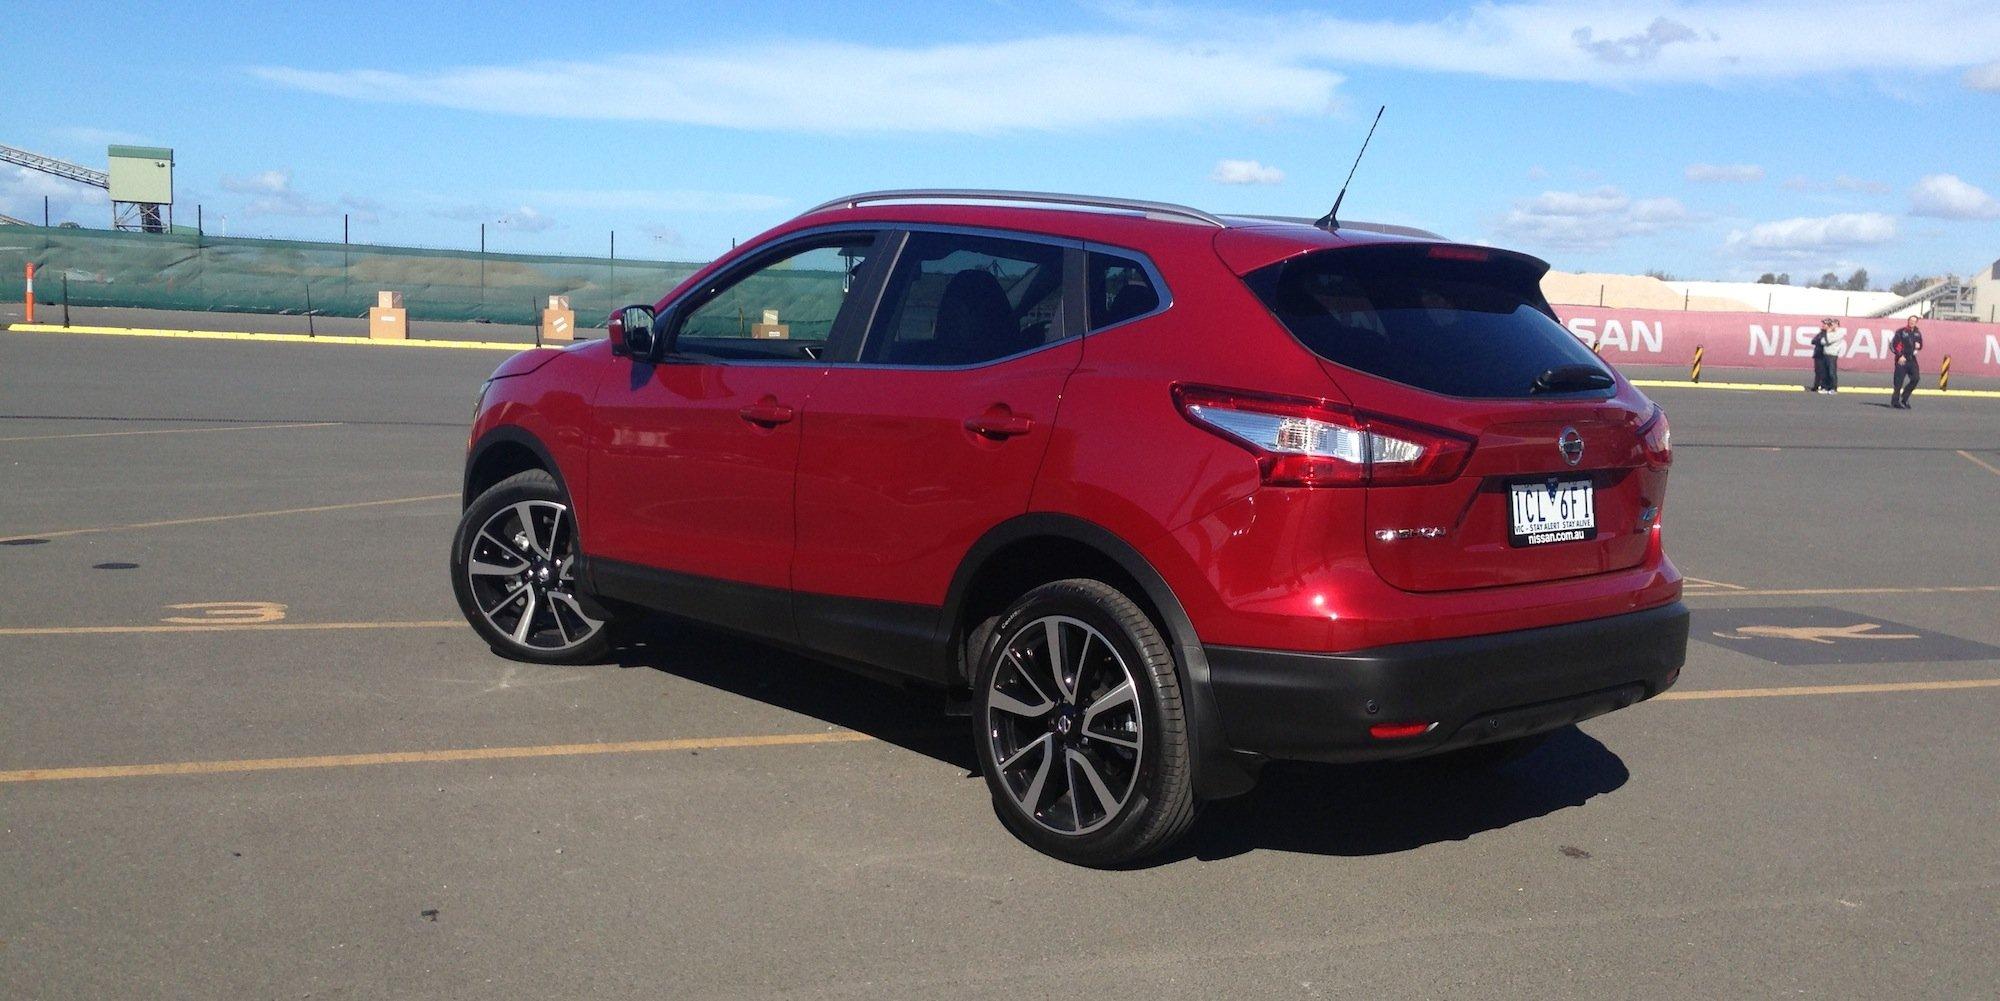 Nissan Qashqai Review - photos | CarAdvice